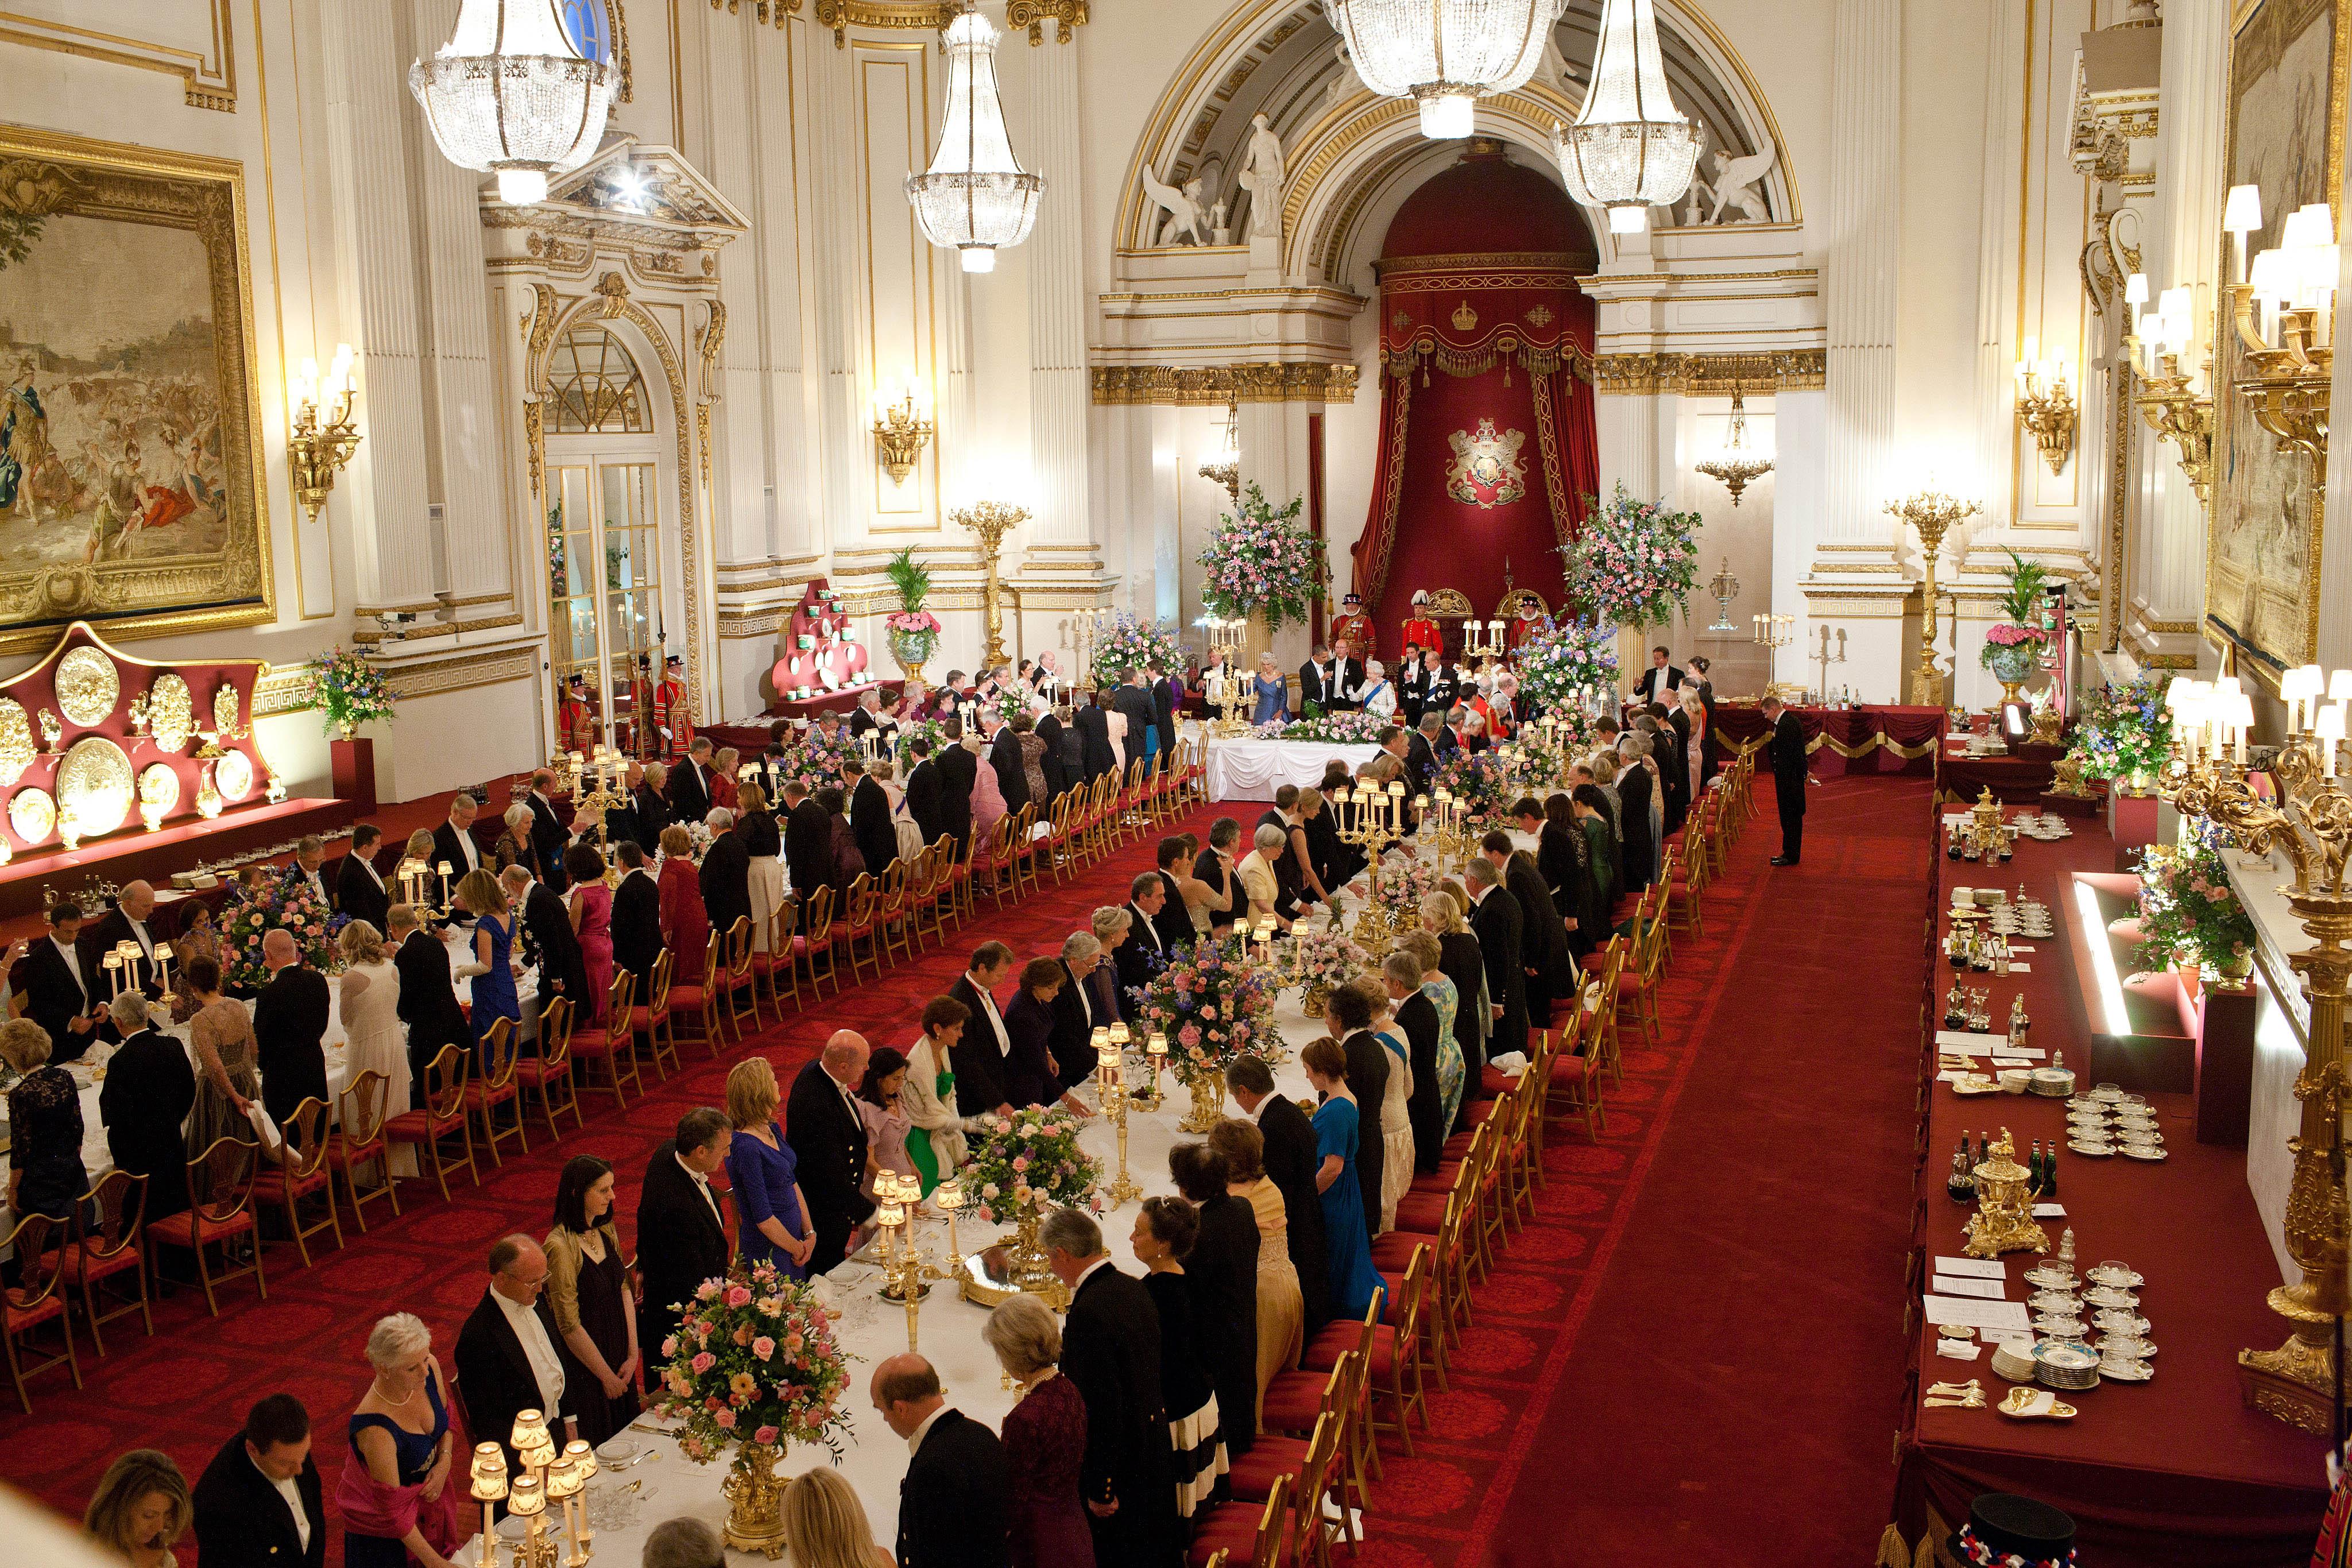 The Royal Family Food Menu Recreate The Favorite Food In